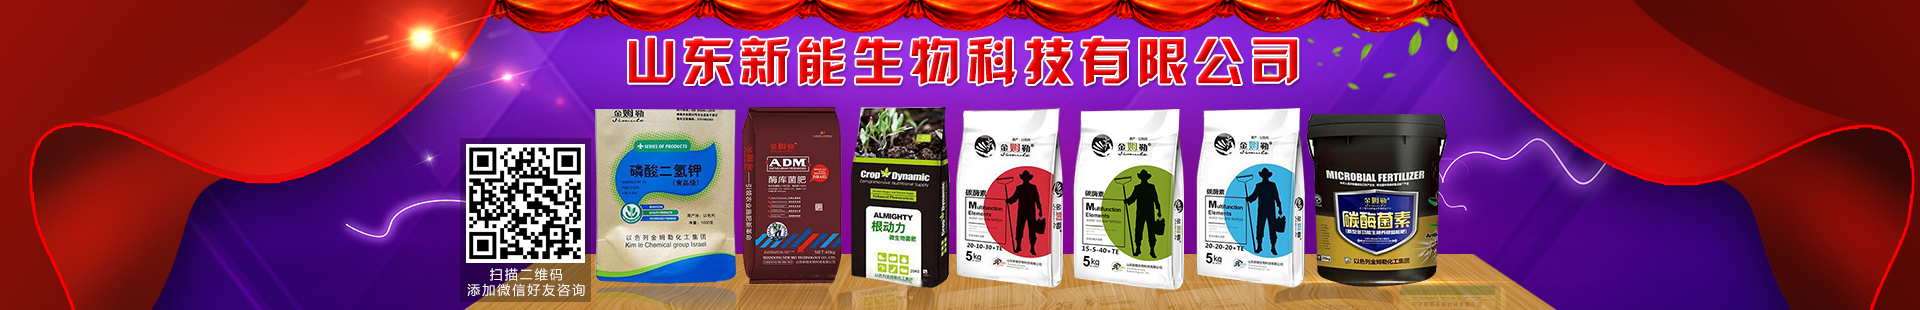 山东新能生物科技有限公司